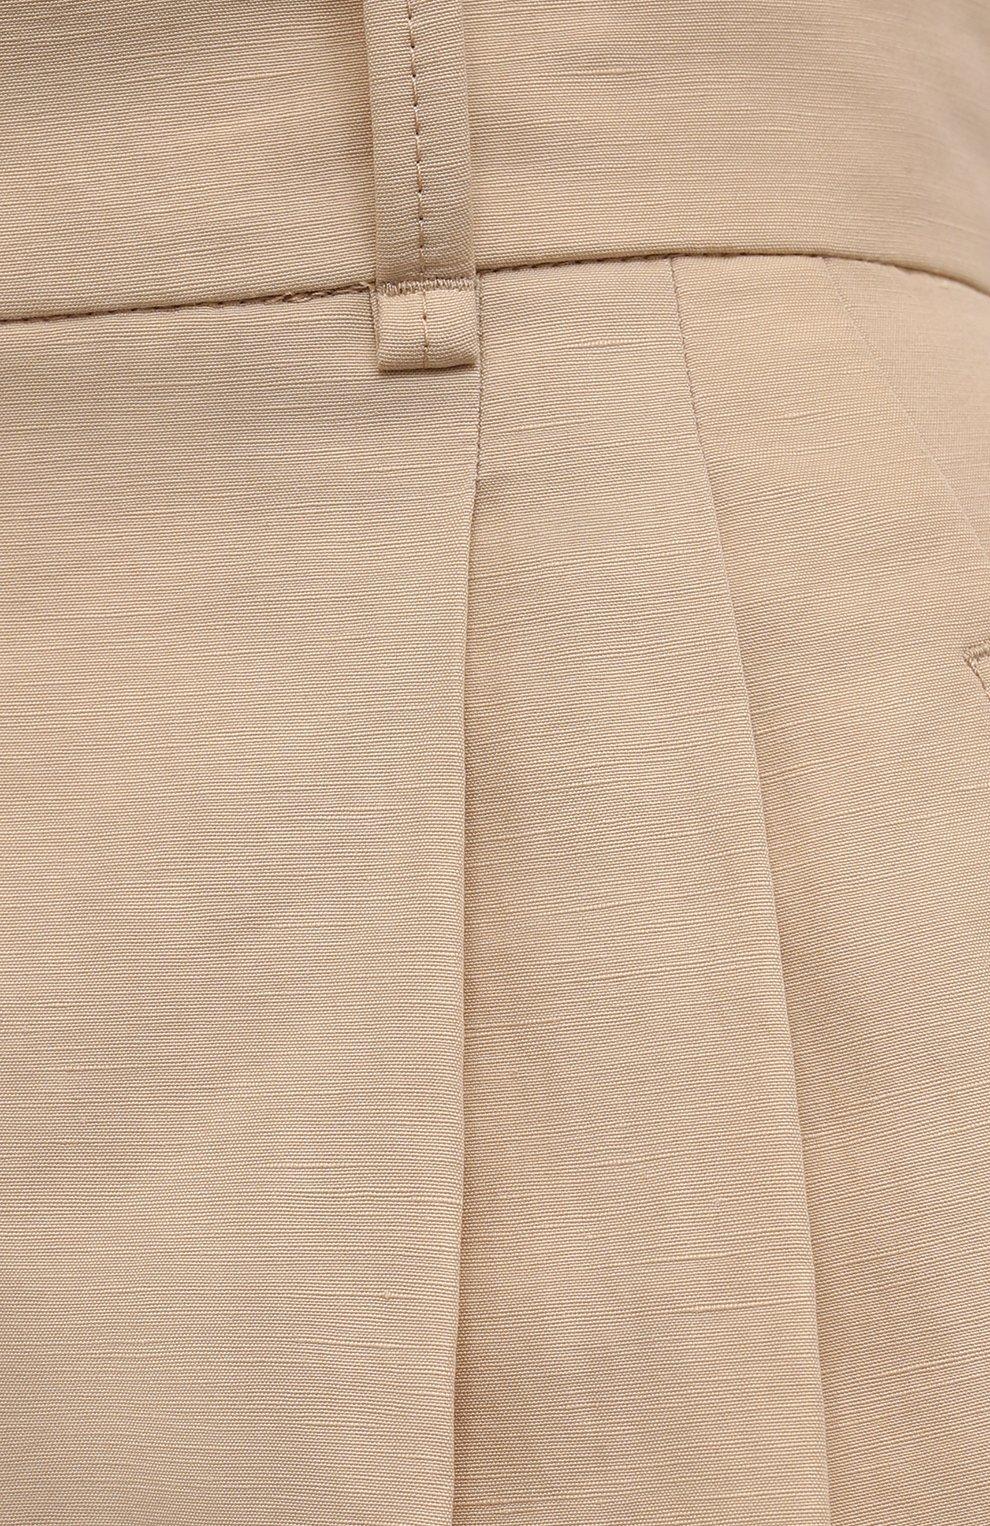 Женские шорты изо льна и хлопка CHLOÉ бежевого цвета, арт. CHC21ASH68045   Фото 5 (Женское Кросс-КТ: Шорты-одежда; Длина Ж (юбки, платья, шорты): Мини; Материал внешний: Хлопок, Лен; Материал подклада: Хлопок; Стили: Кэжуэл)